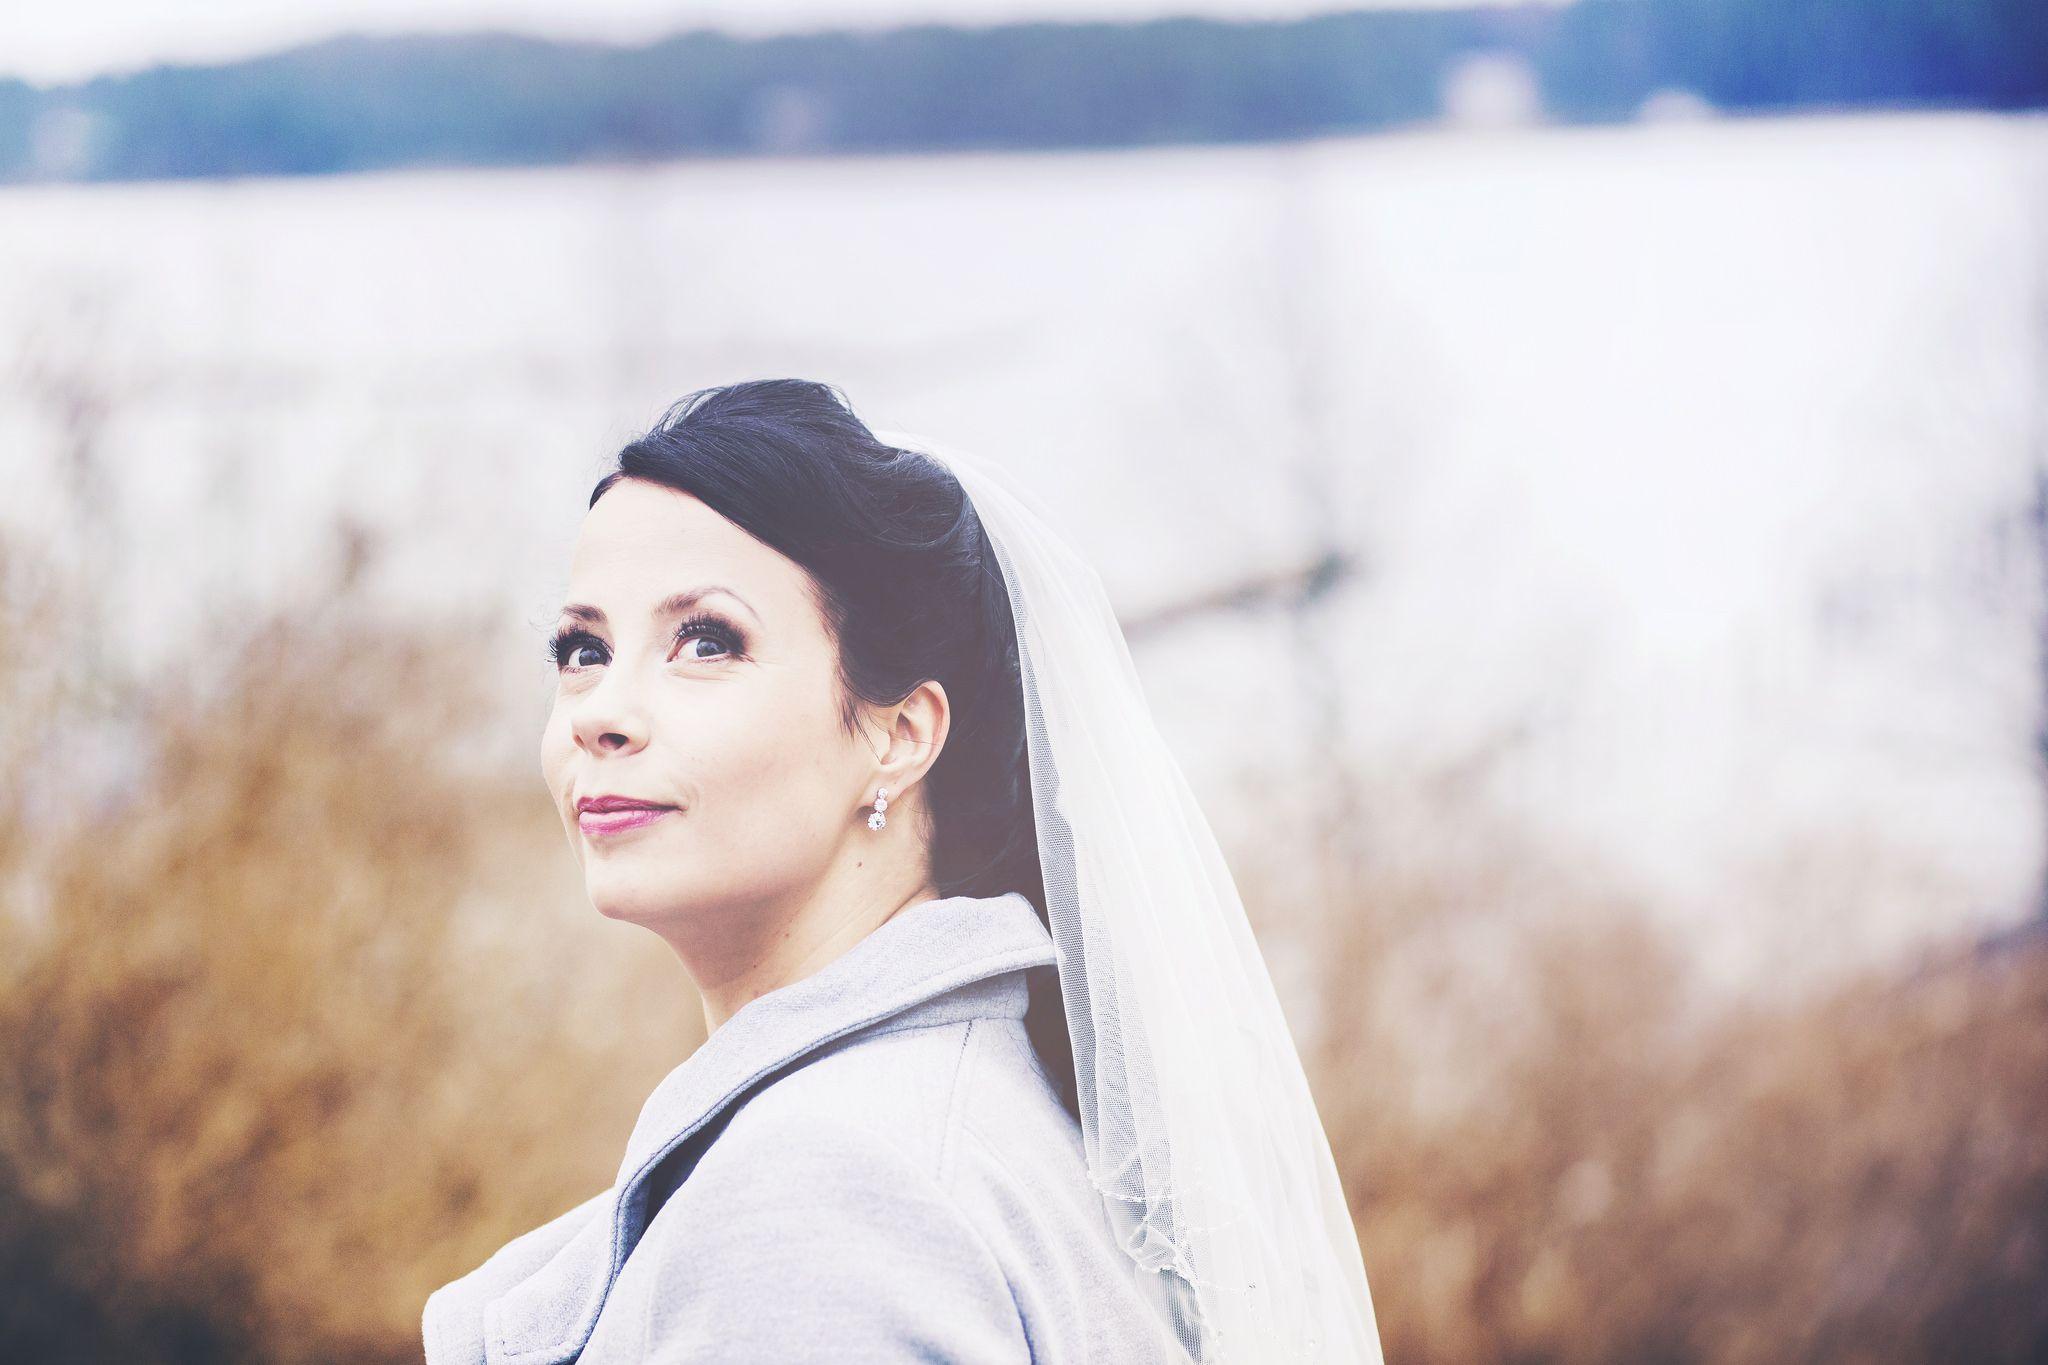 https://flic.kr/p/Cd4pgM | Hääkuvaus miljöössä / Naantali 31.12.2015 | Hääkuvaus ammattitaidolla studiossa ja miljöössä.   Liedon Kuvaus, www.liedonkuvaus.fi & www.facebook.com/liedonkuvaus   02 4877 555 info@liedonkuvaus.fi   Loimaa - Alastaro - Paattinen - Tarvasjoki - Lieto - Littoinen - Kaarina - Paimio - Turku - Naantali